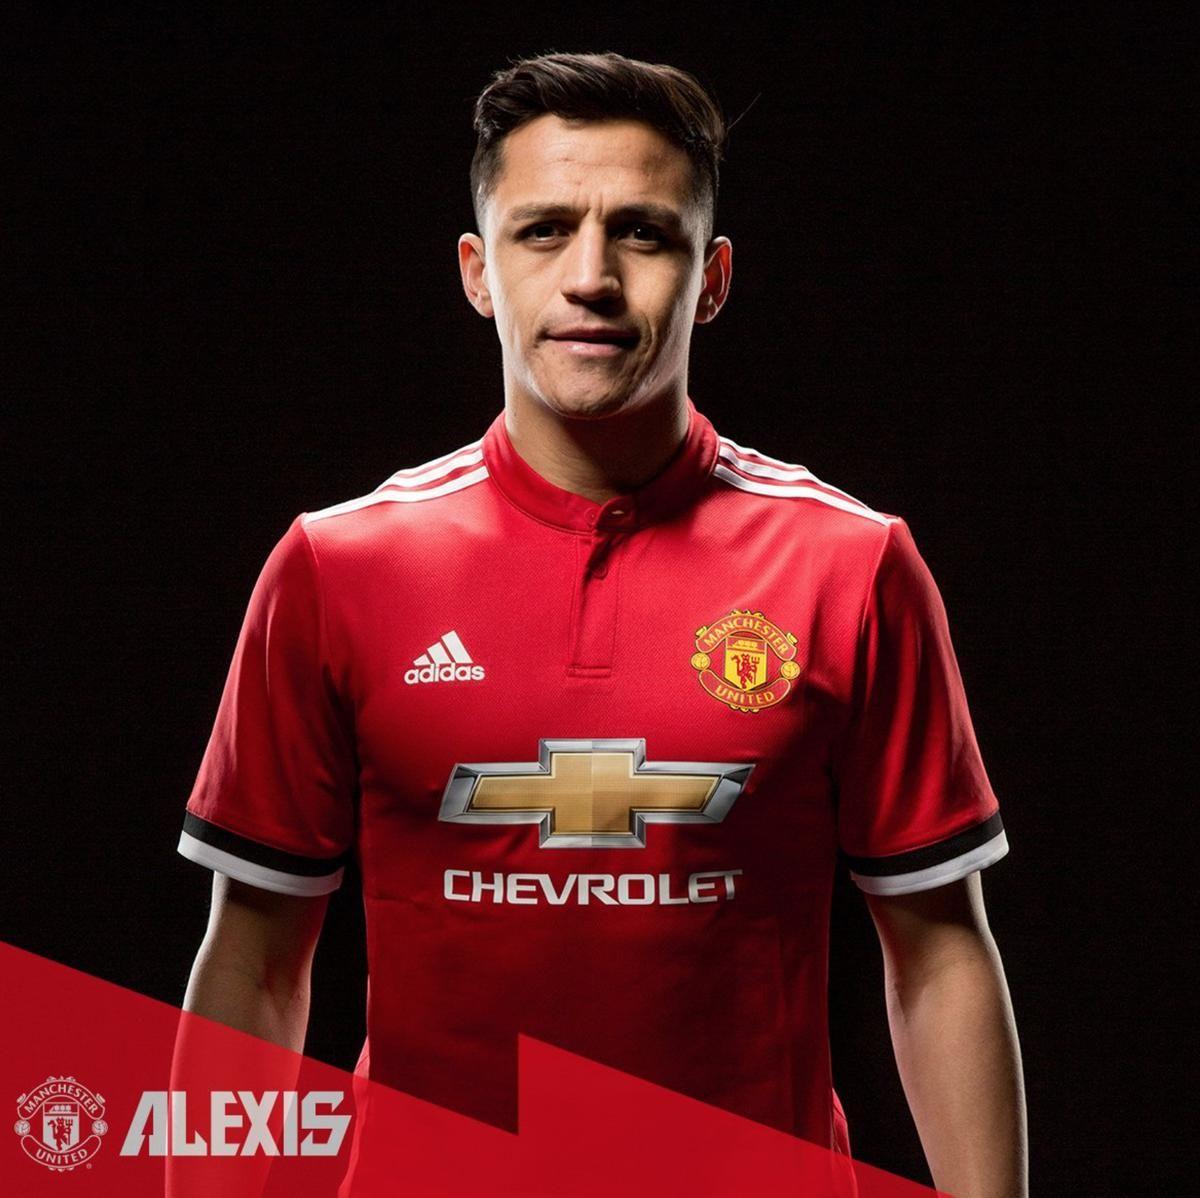 Fakta Menarik Tentang Alexis Sanchez Pemain Arsenal Yang